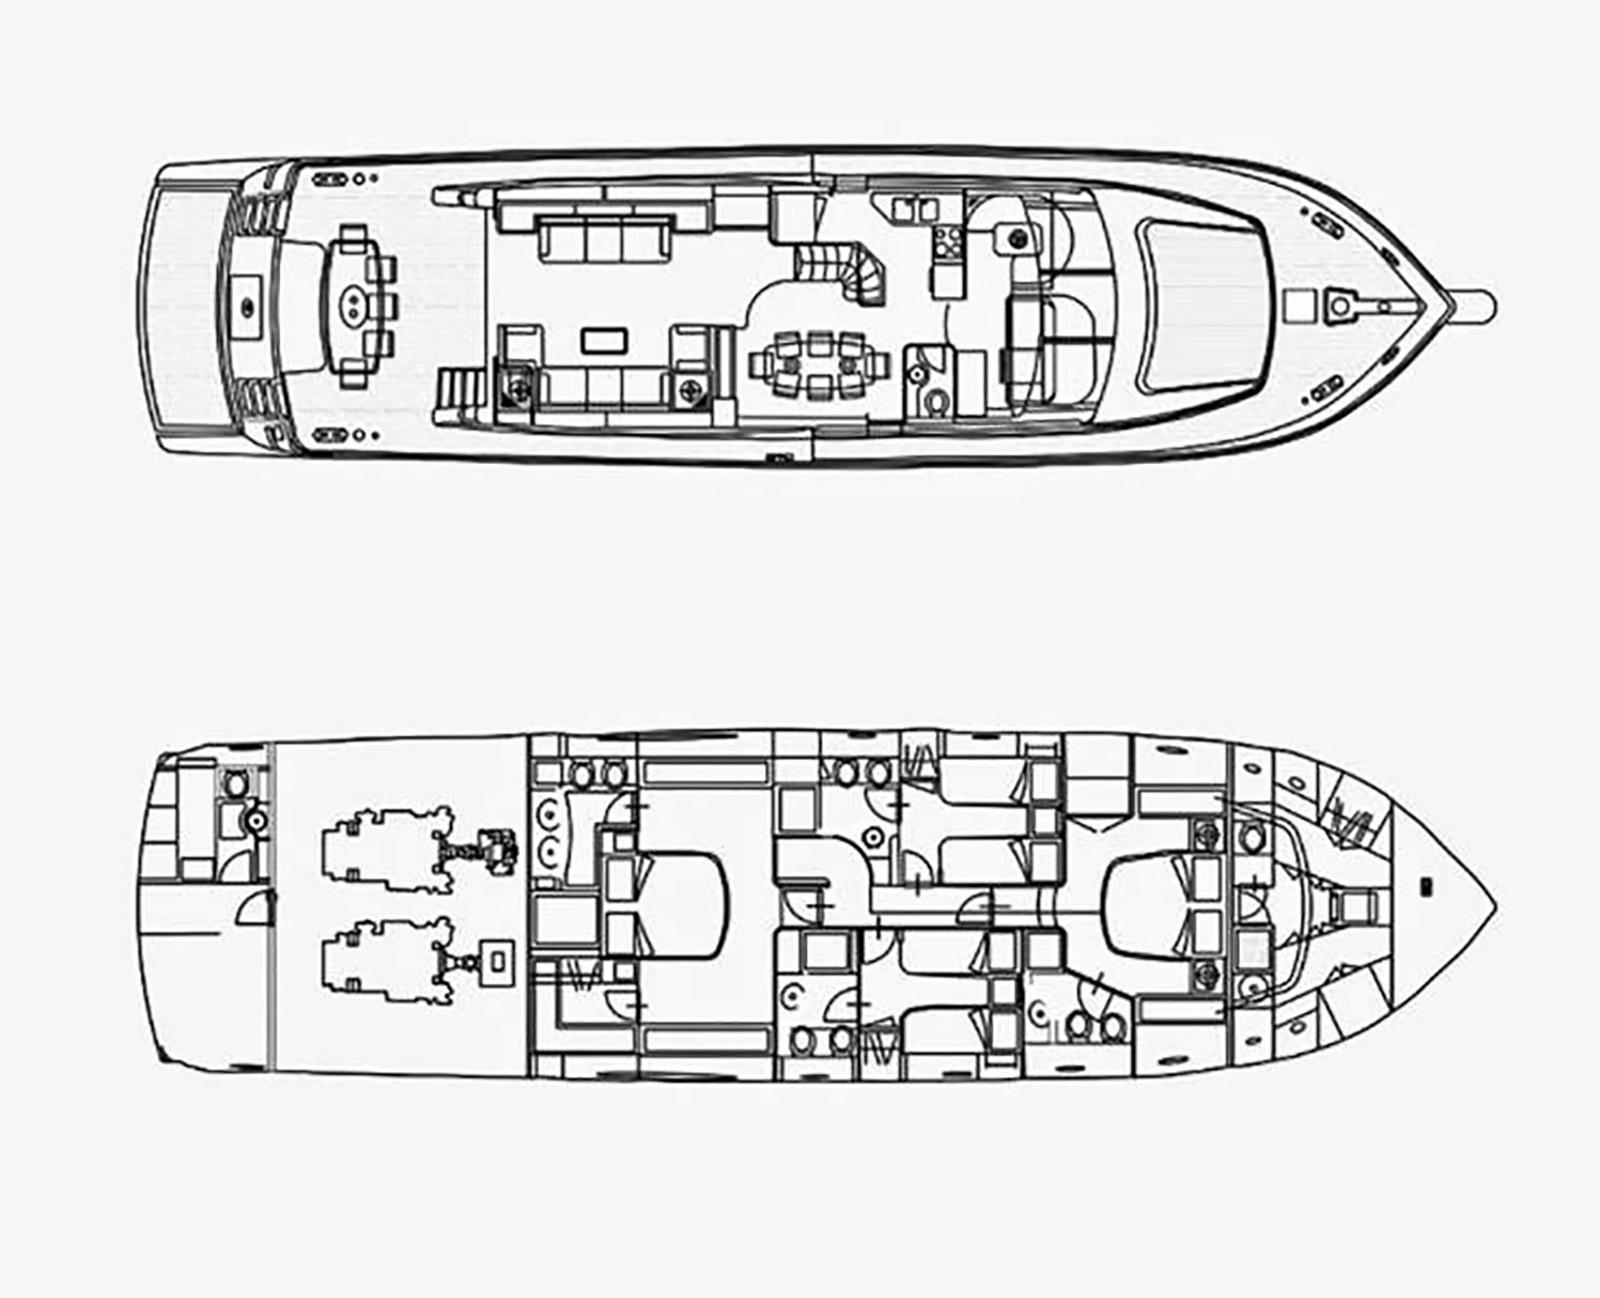 M/Y ALFEA-24m-Alalunga-for charter